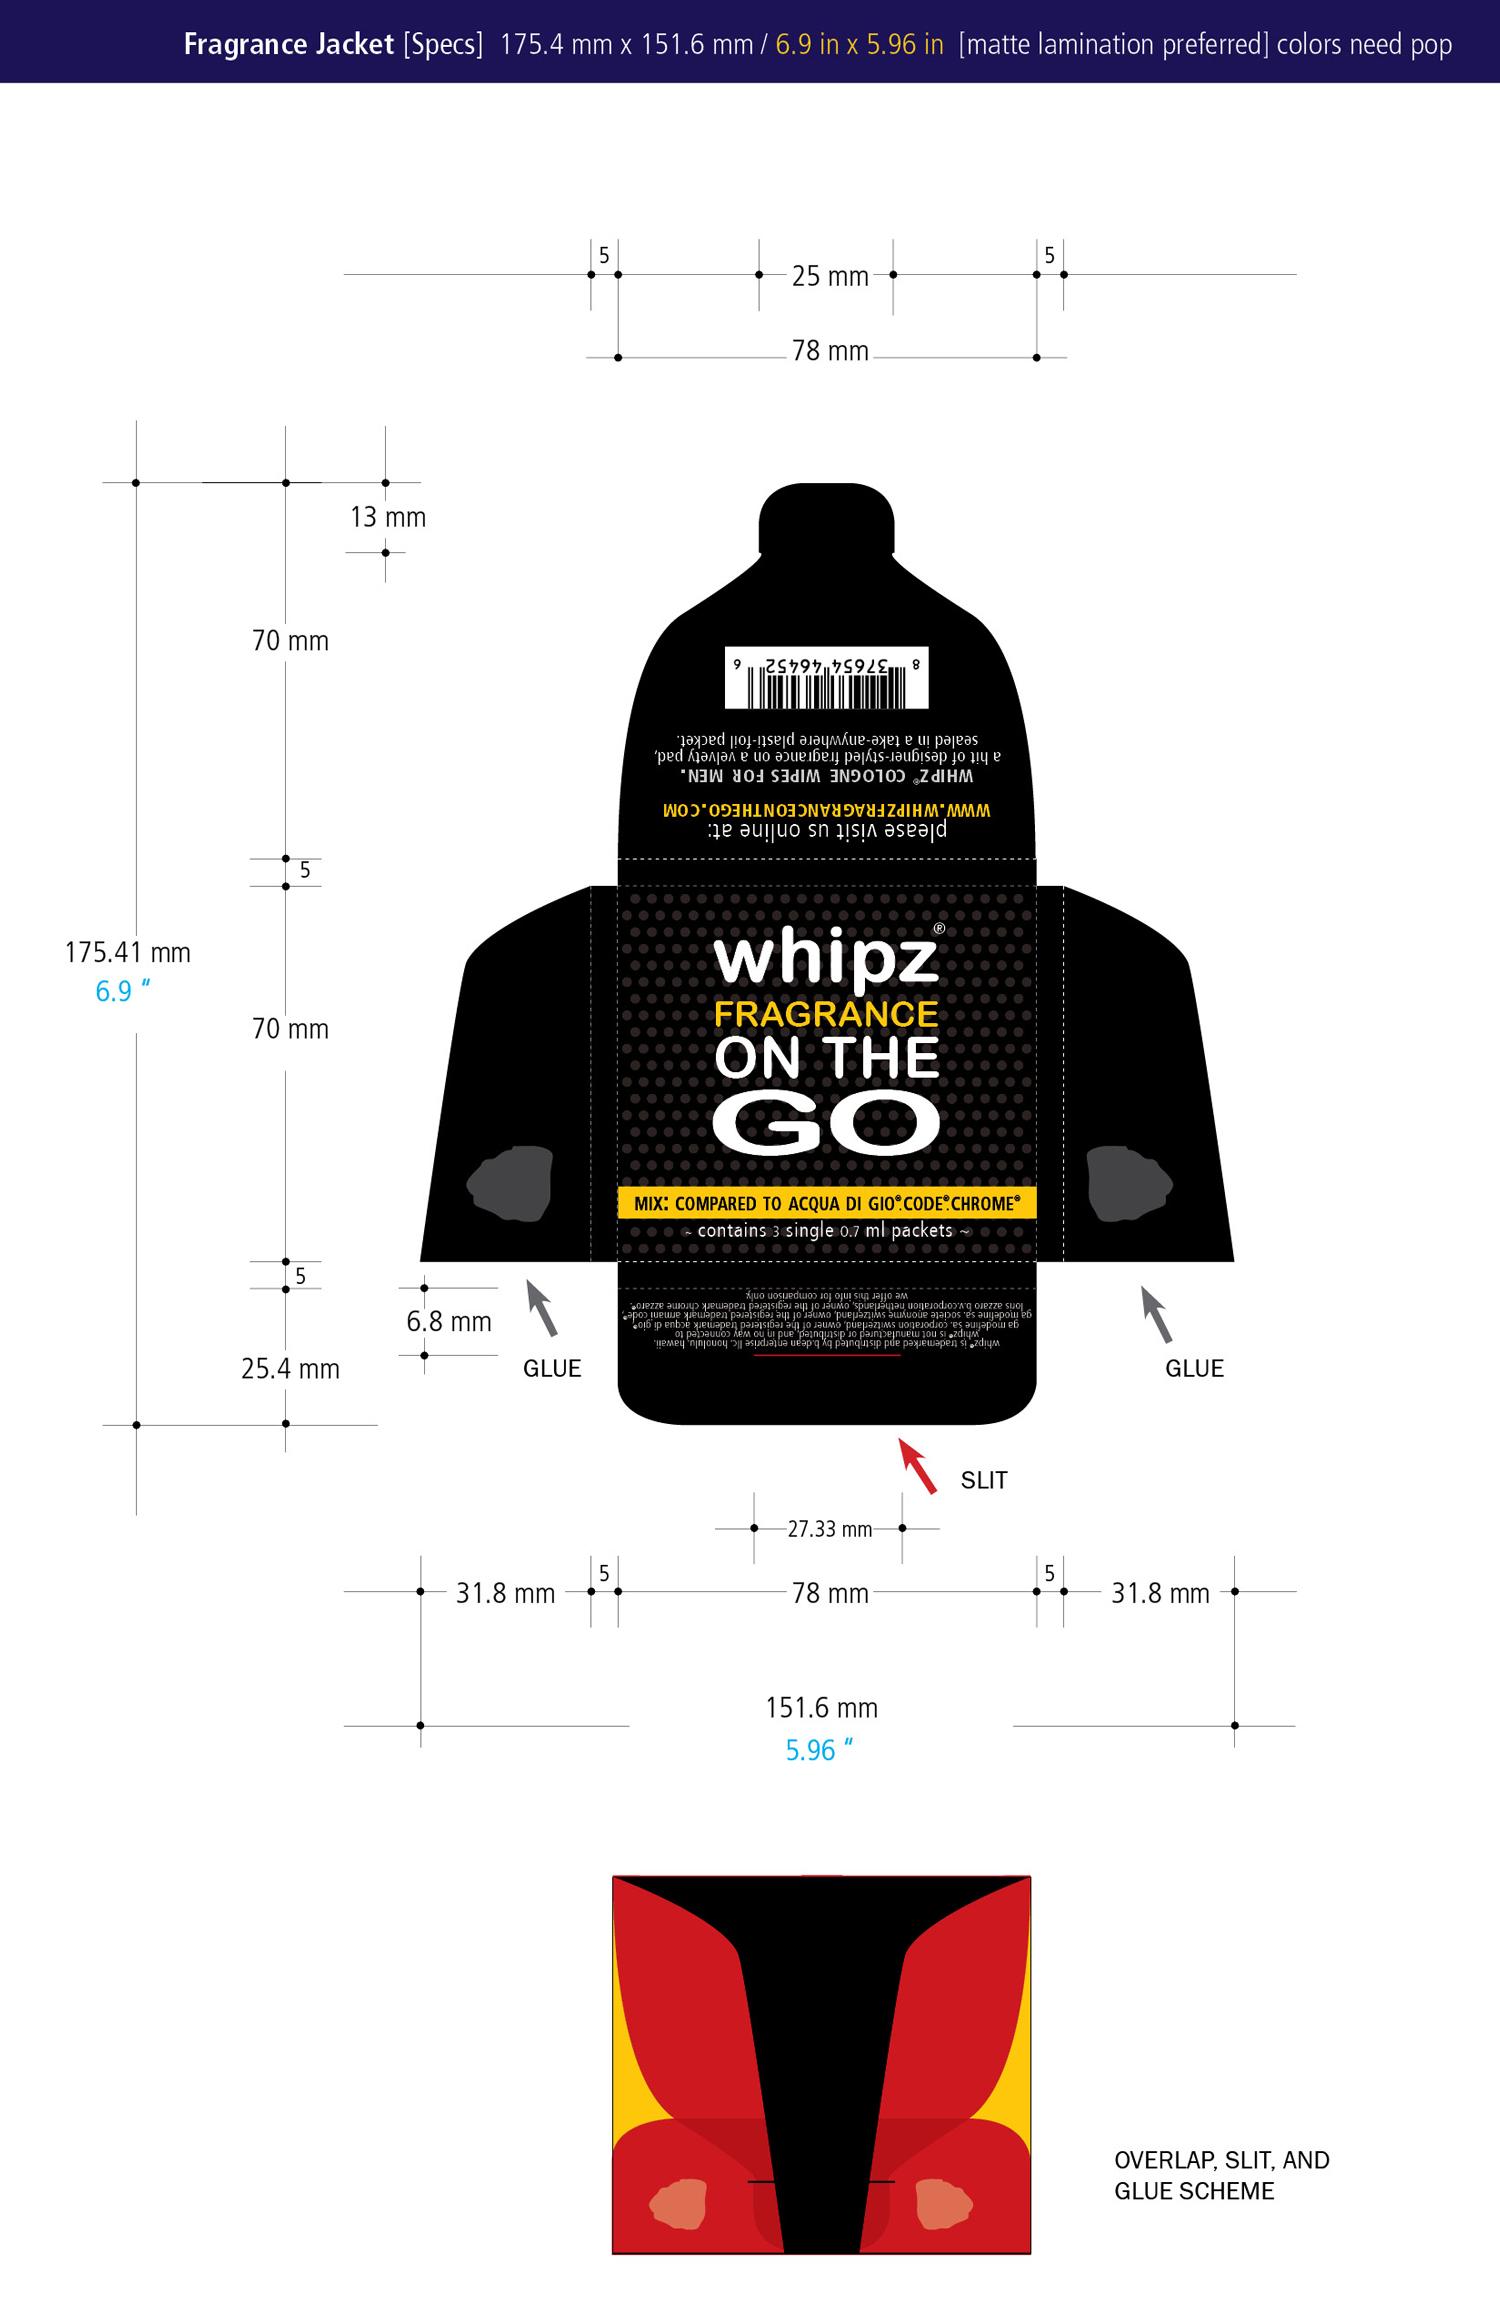 Whipz-Fragrance-01a.jpg